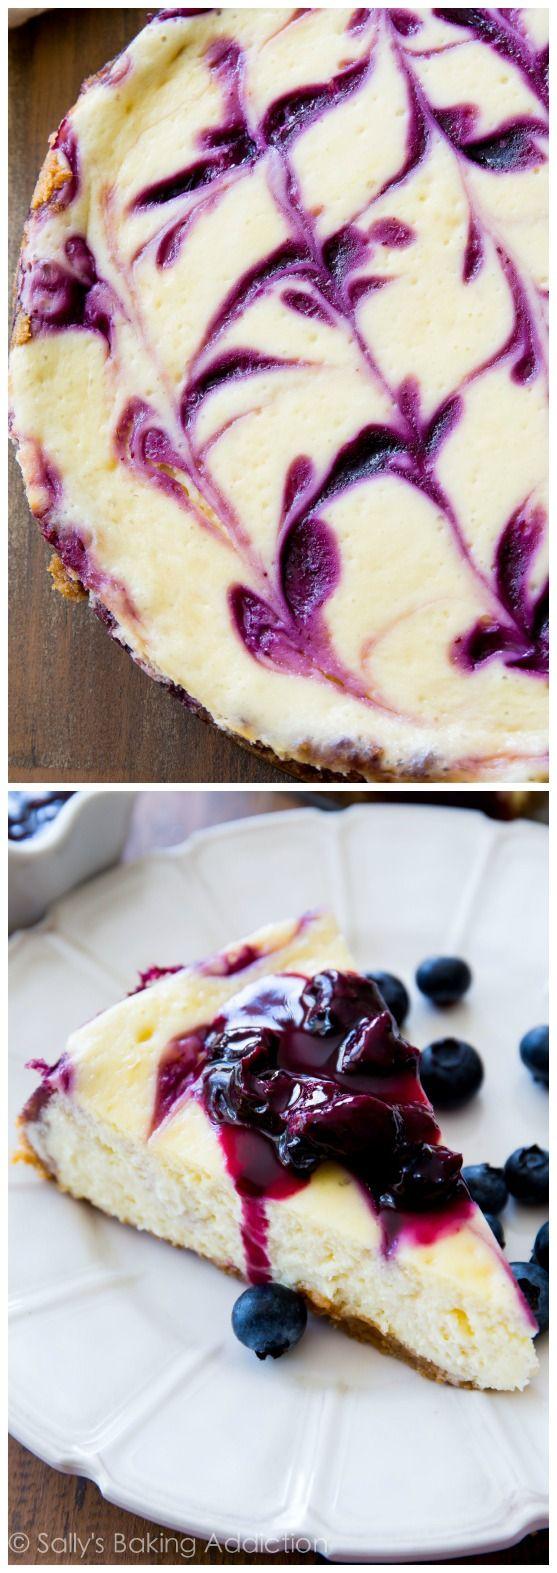 Ultra tarta casera cremosa arremolinaba con un arándano remolino dulce.  Todo en la parte superior de mi mantecosa favorito graham corteza de la galleta!  sallysbakingaddiction.com